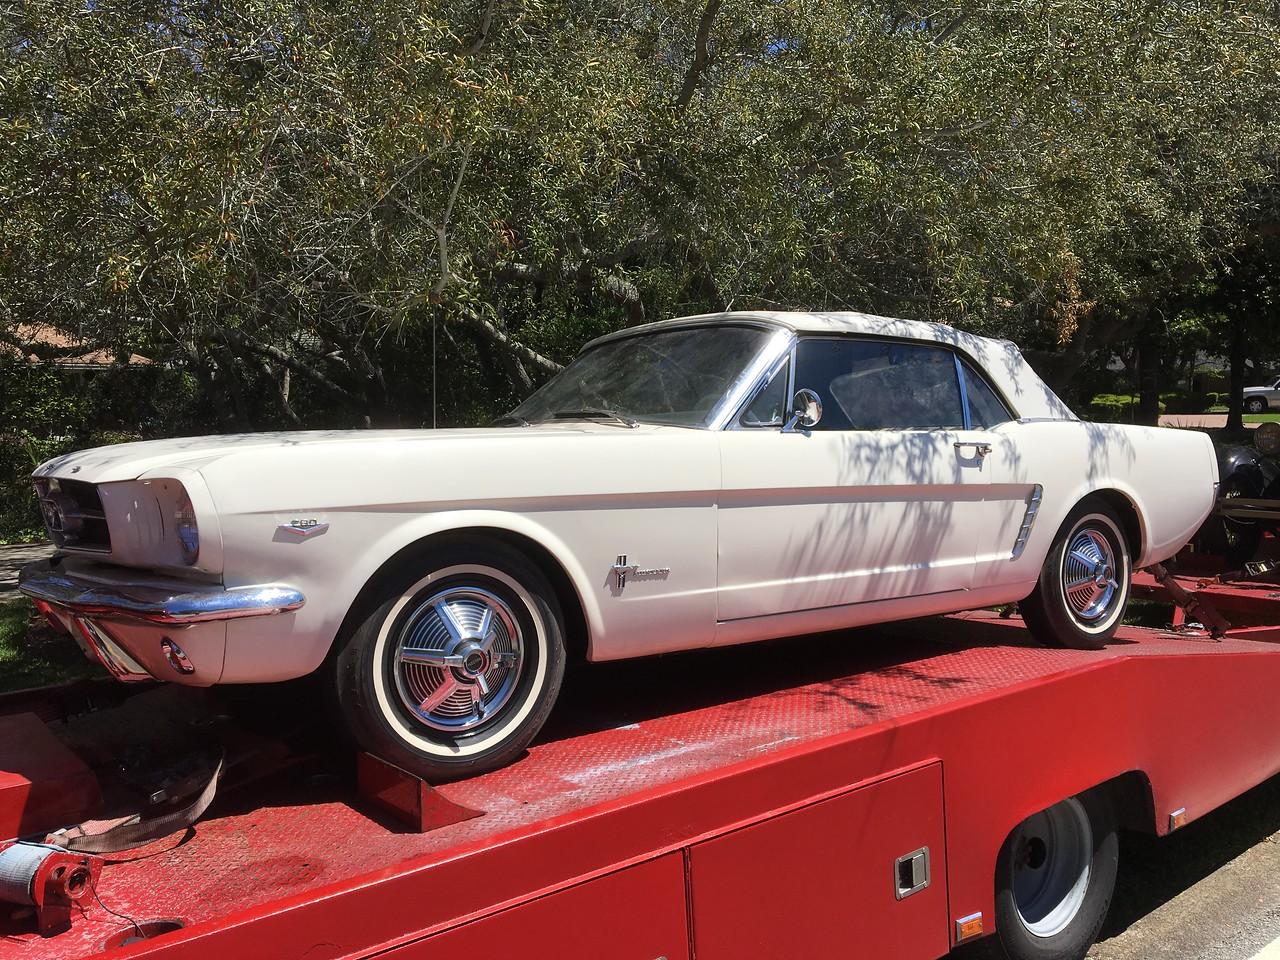 1965 Ford Mustang convertible (Destin , Florida to Bradenton, Florida)